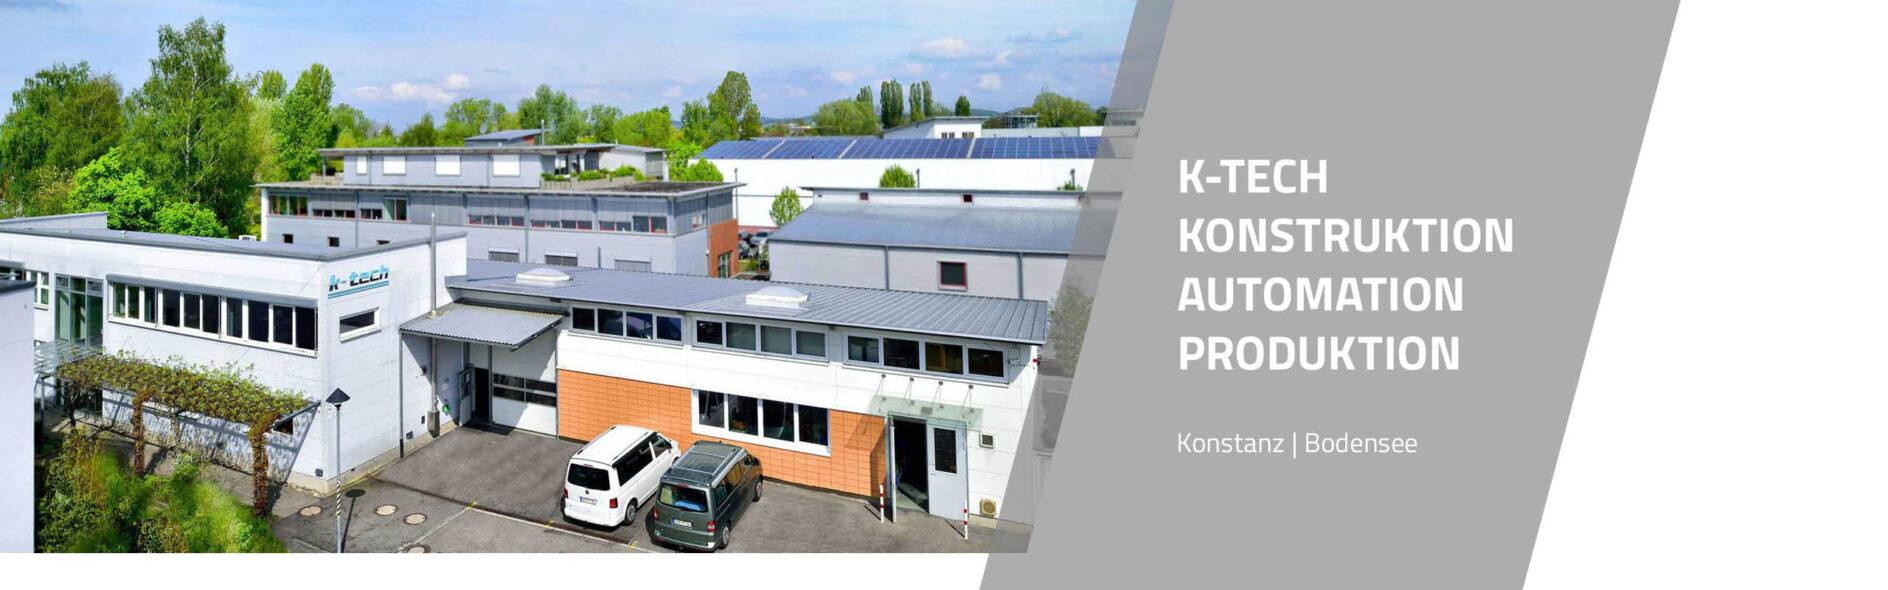 k-tech Konstruktion, Automation, Produktion